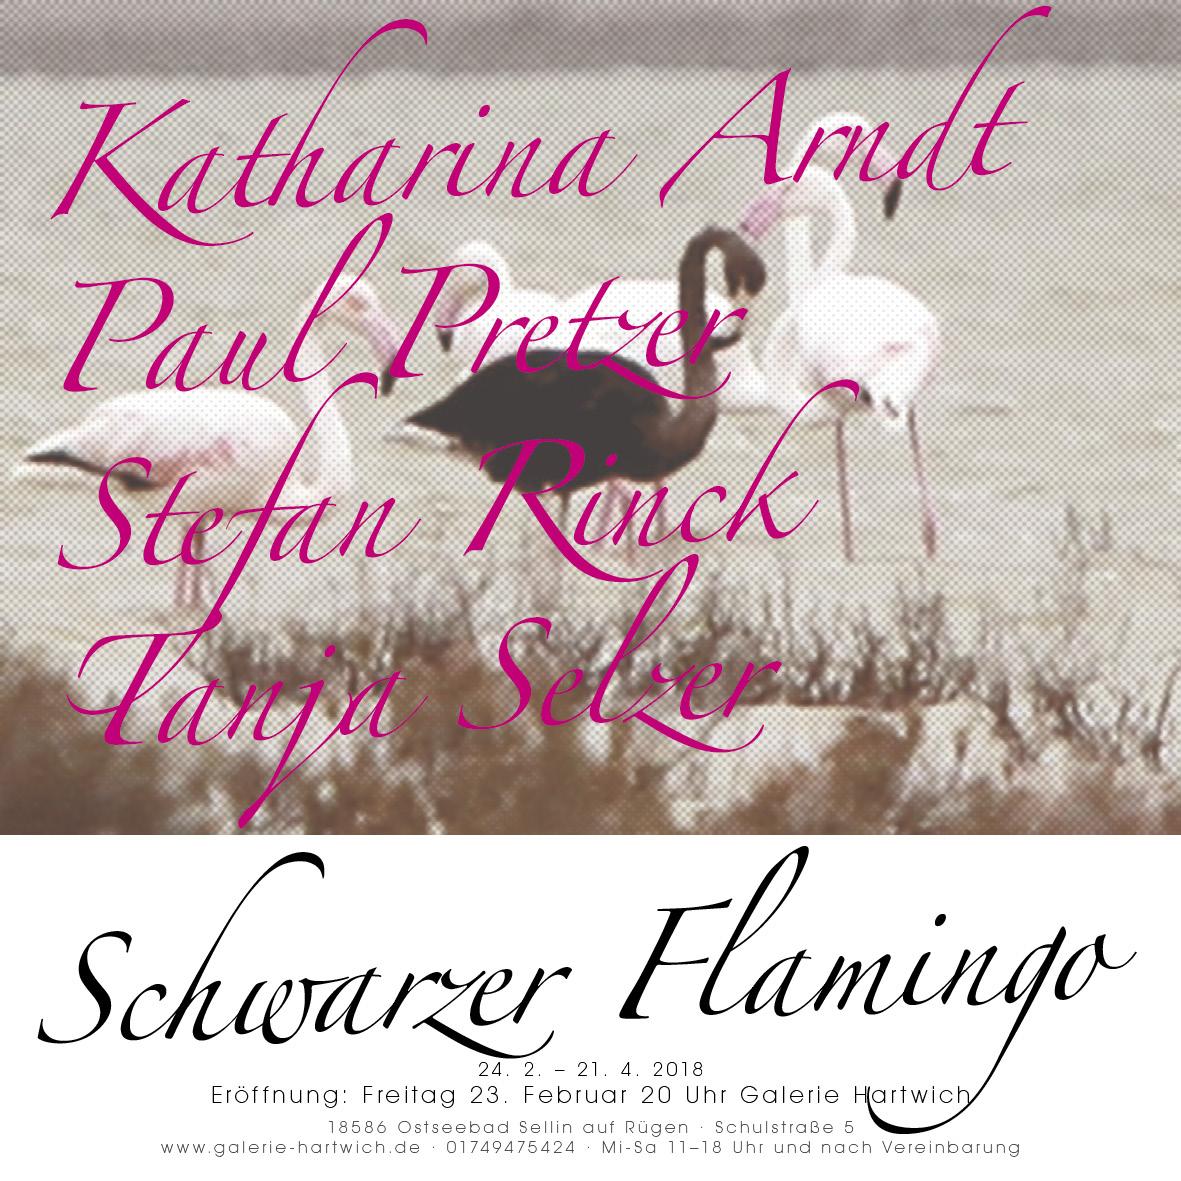 Katharina Arndt Schwarzer Flamingo mit Stefan Rinck, Paul Pretzer, Tanja Selzer